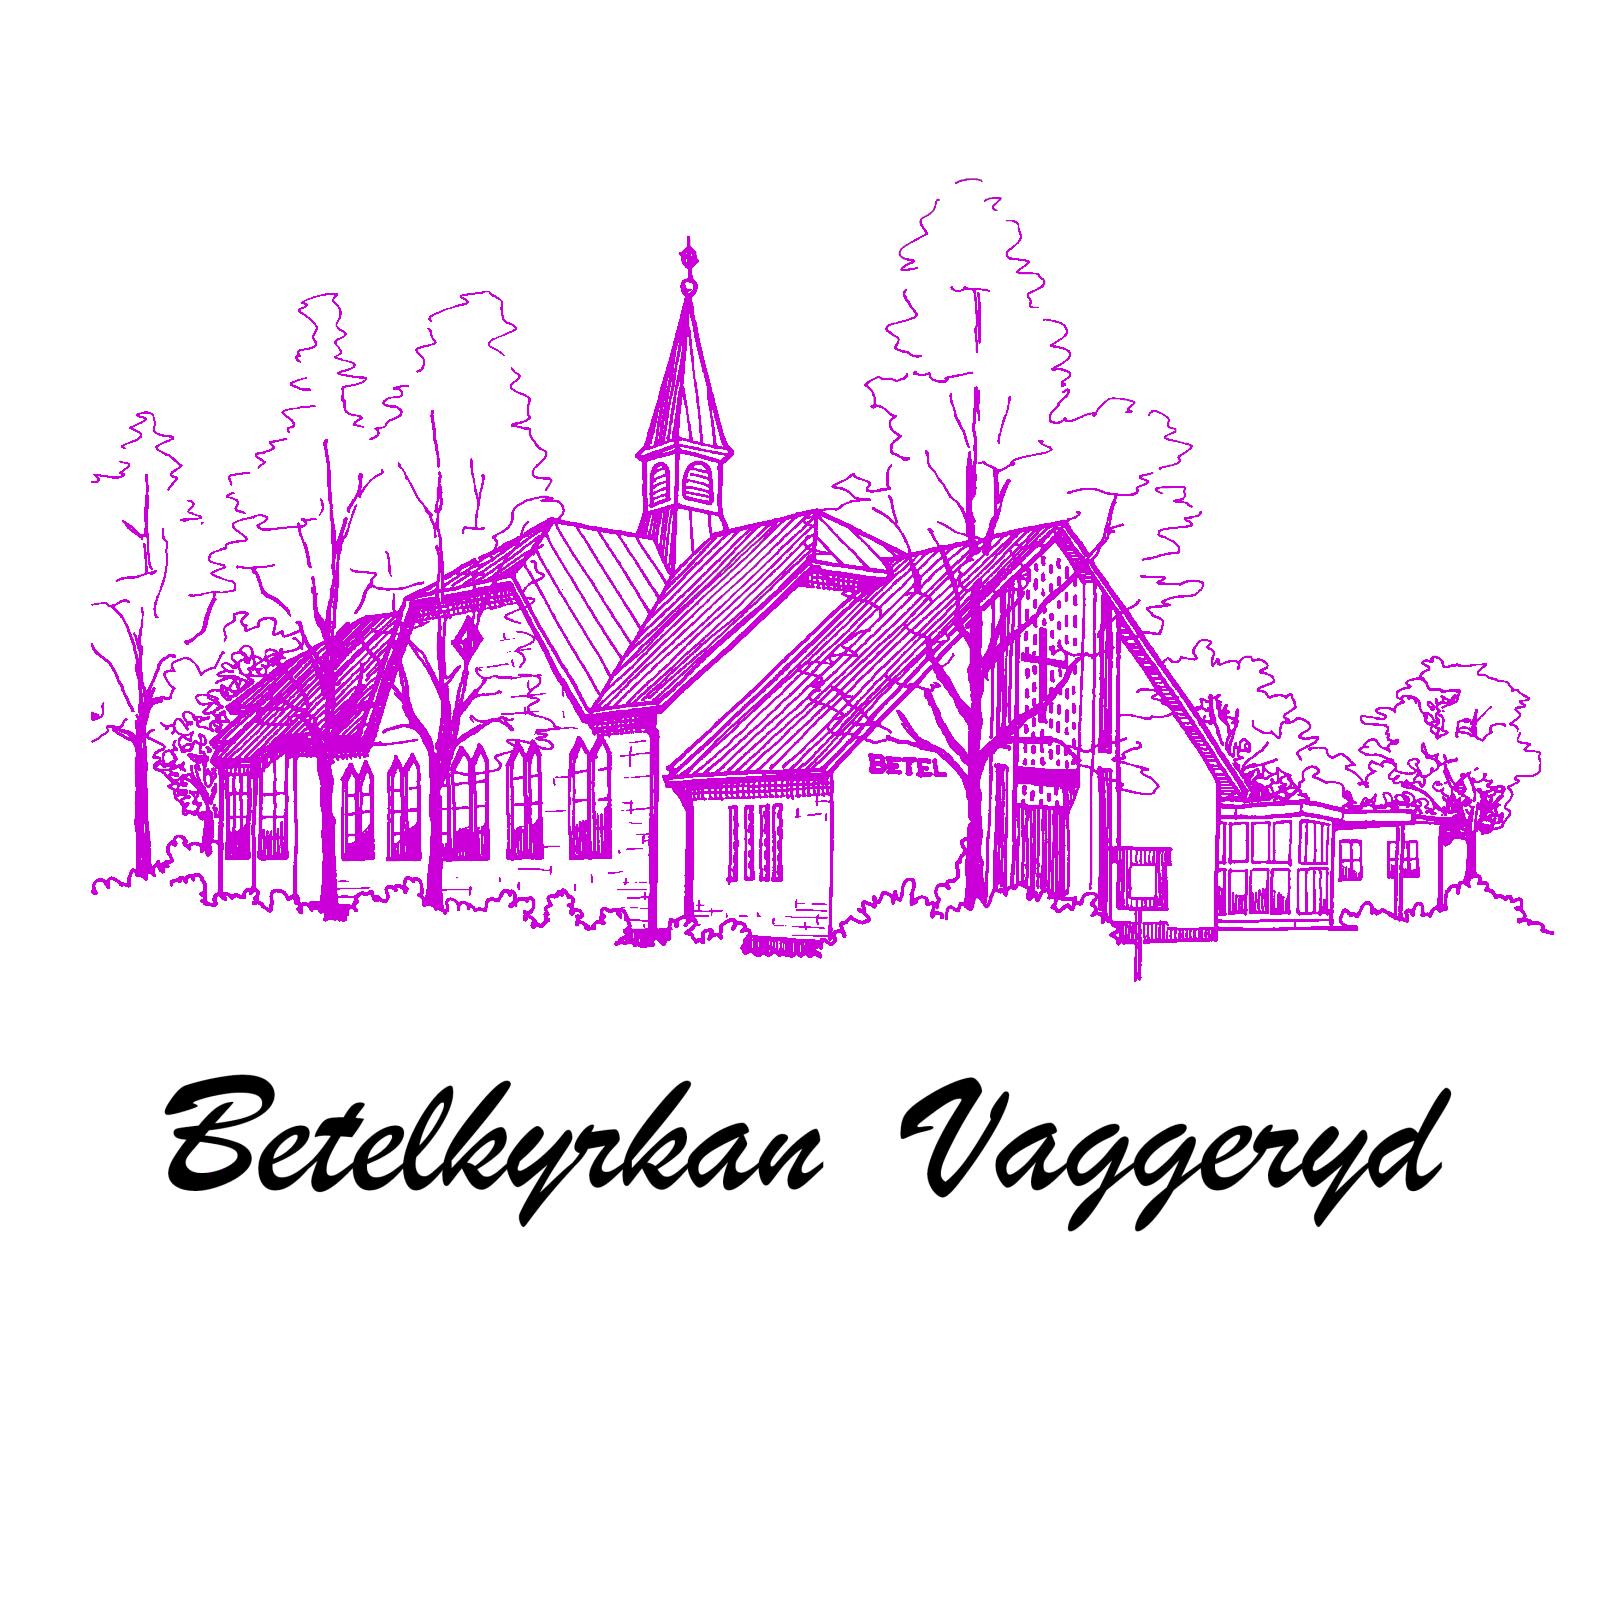 Betelkyrkan Vaggeryd